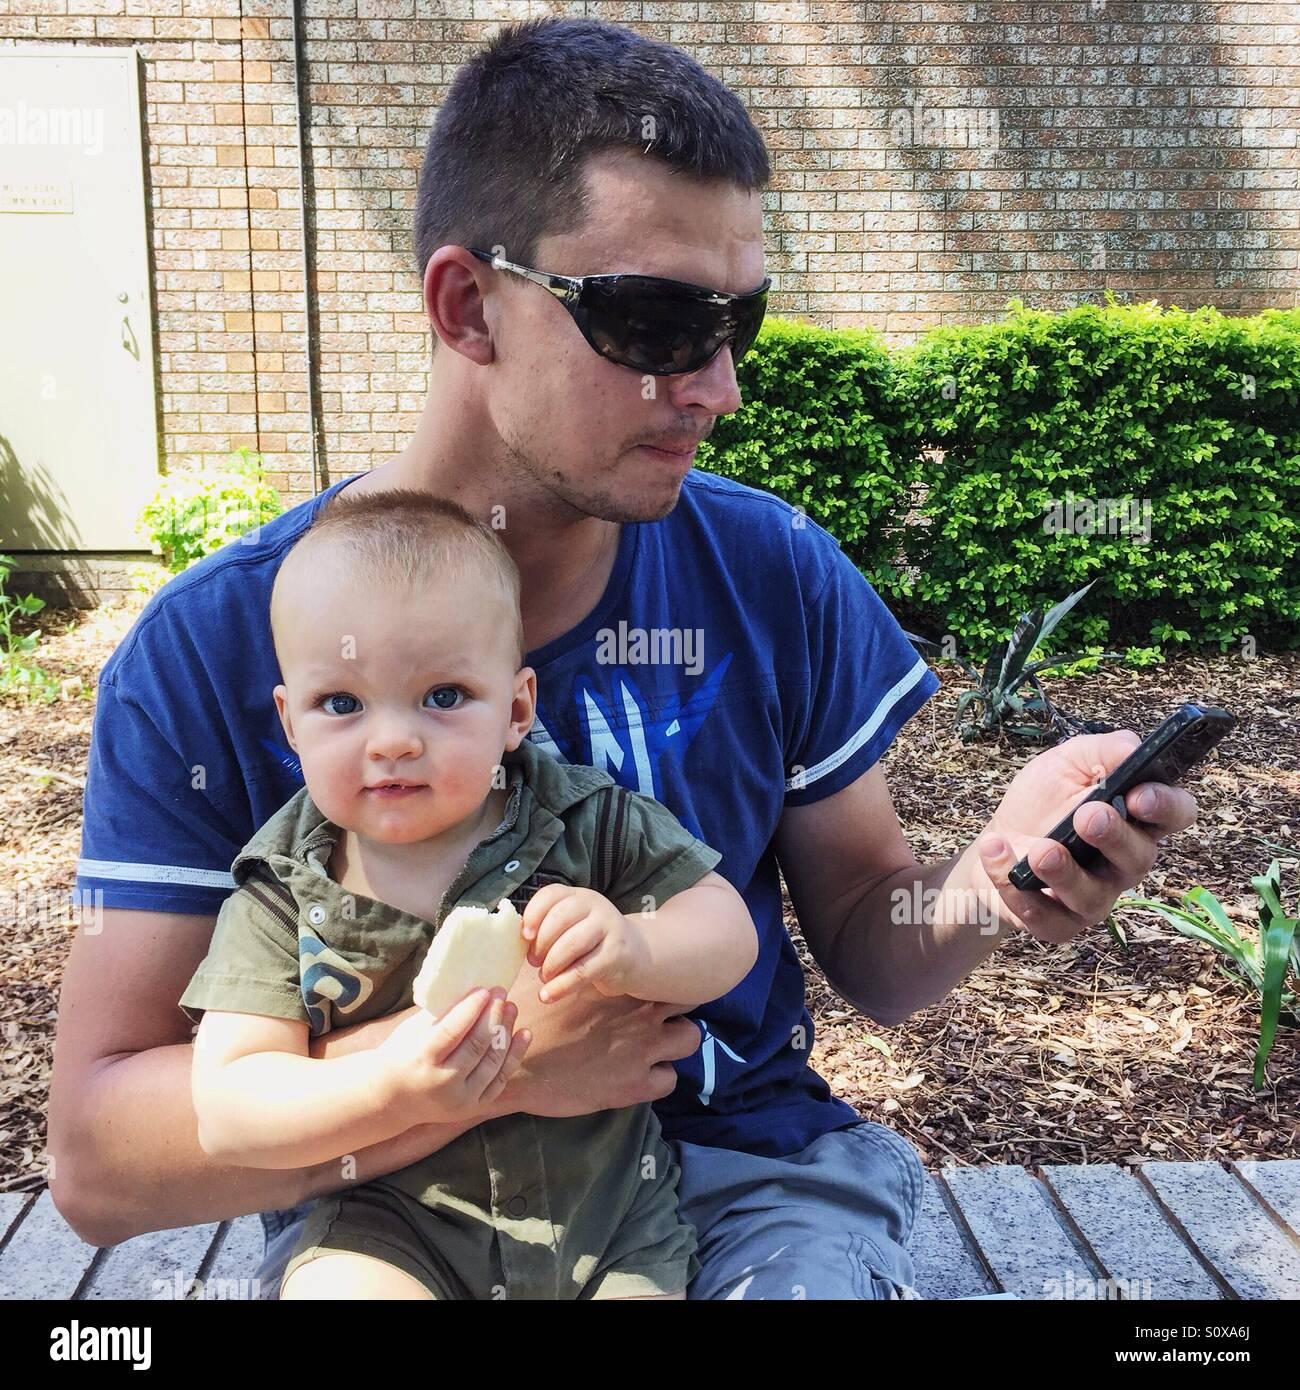 Padre tenga el bebé y mirando al teléfono móvil Imagen De Stock